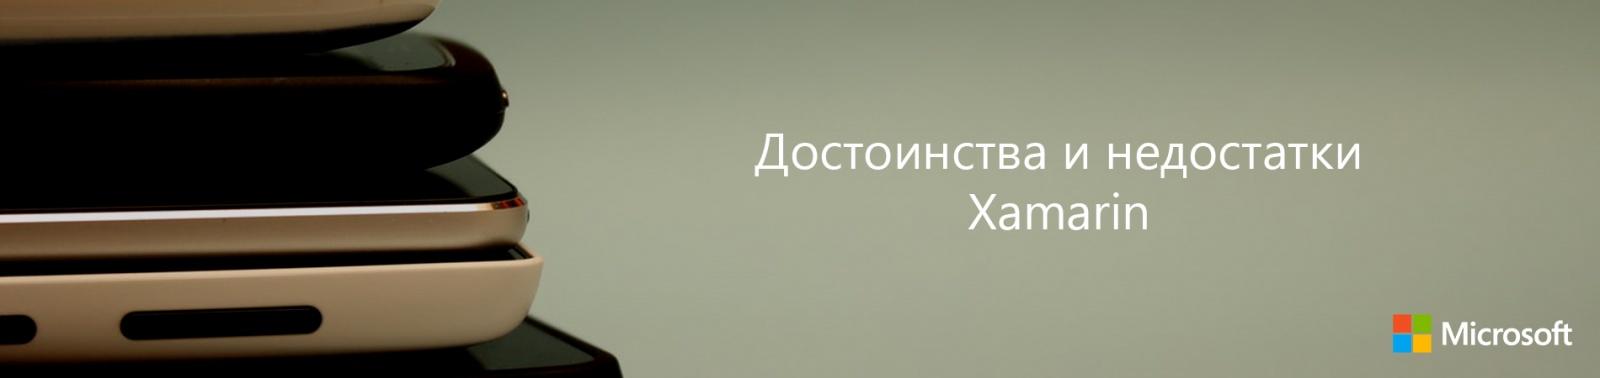 Достоинства и недостатки Xamarin - 1